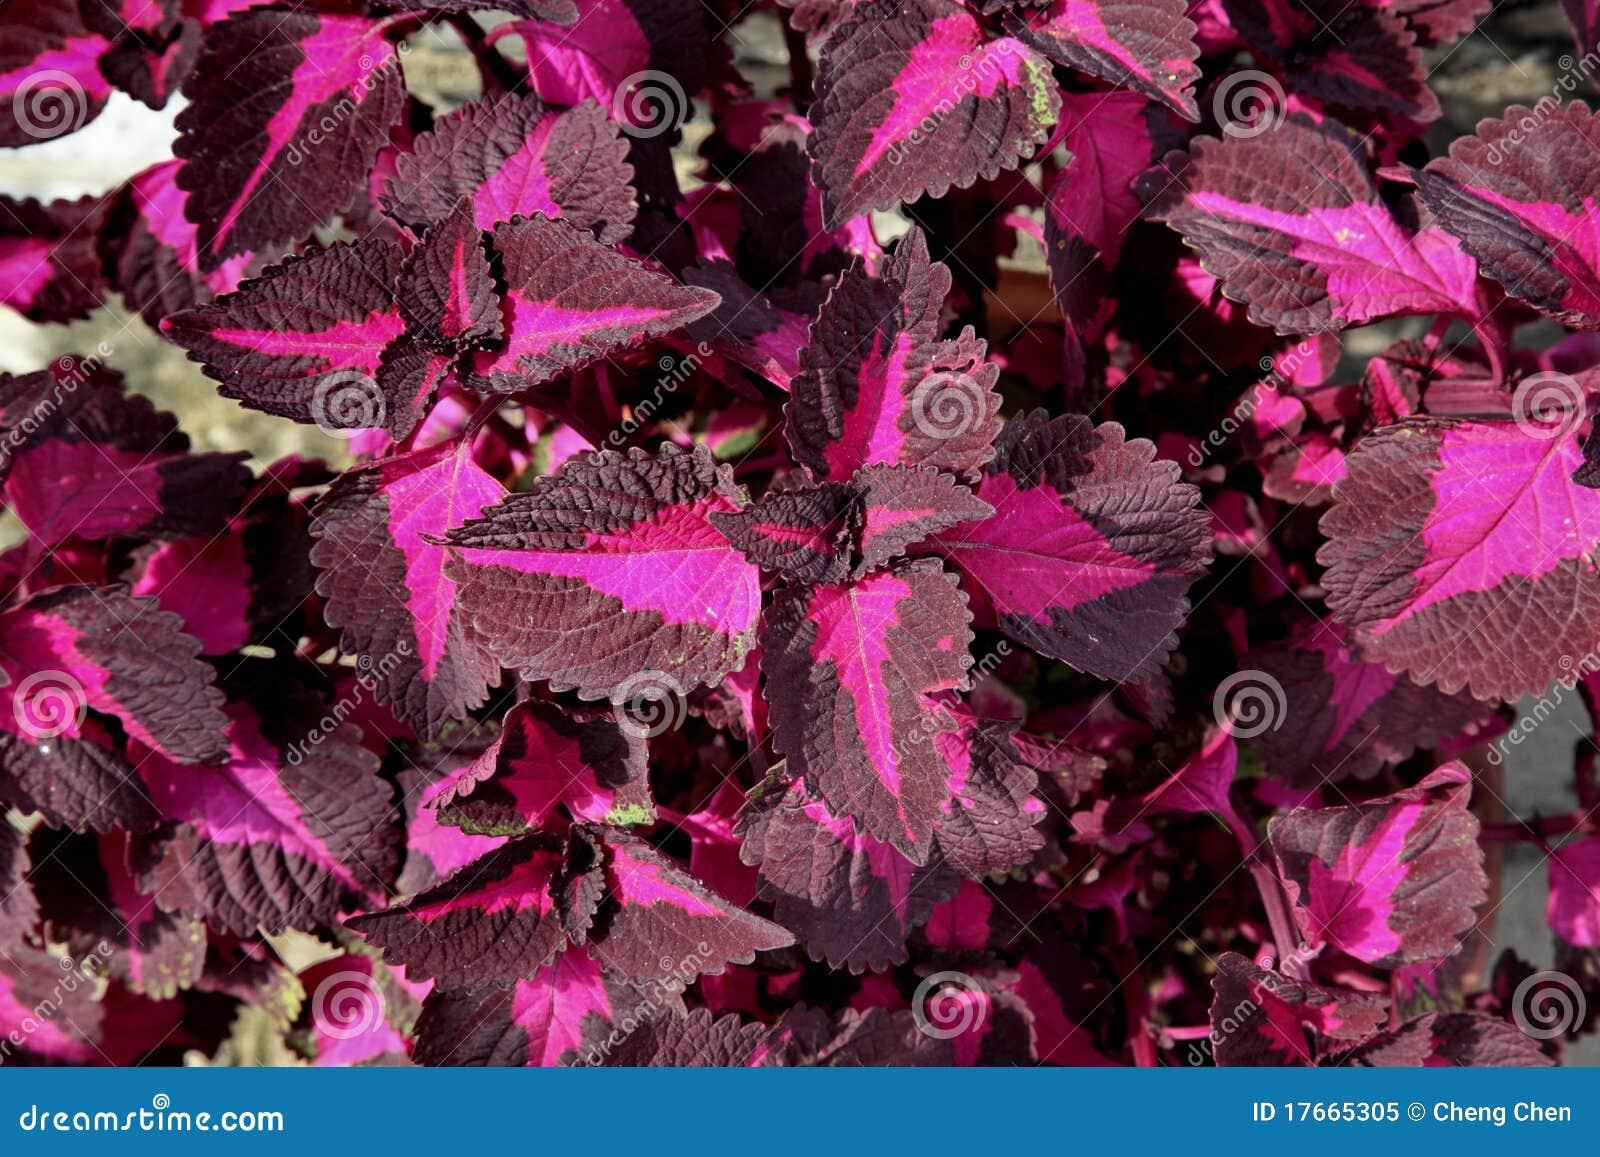 Las plantas ornamentales se calientan foto de archivo for Diseno de plantas ornamentales